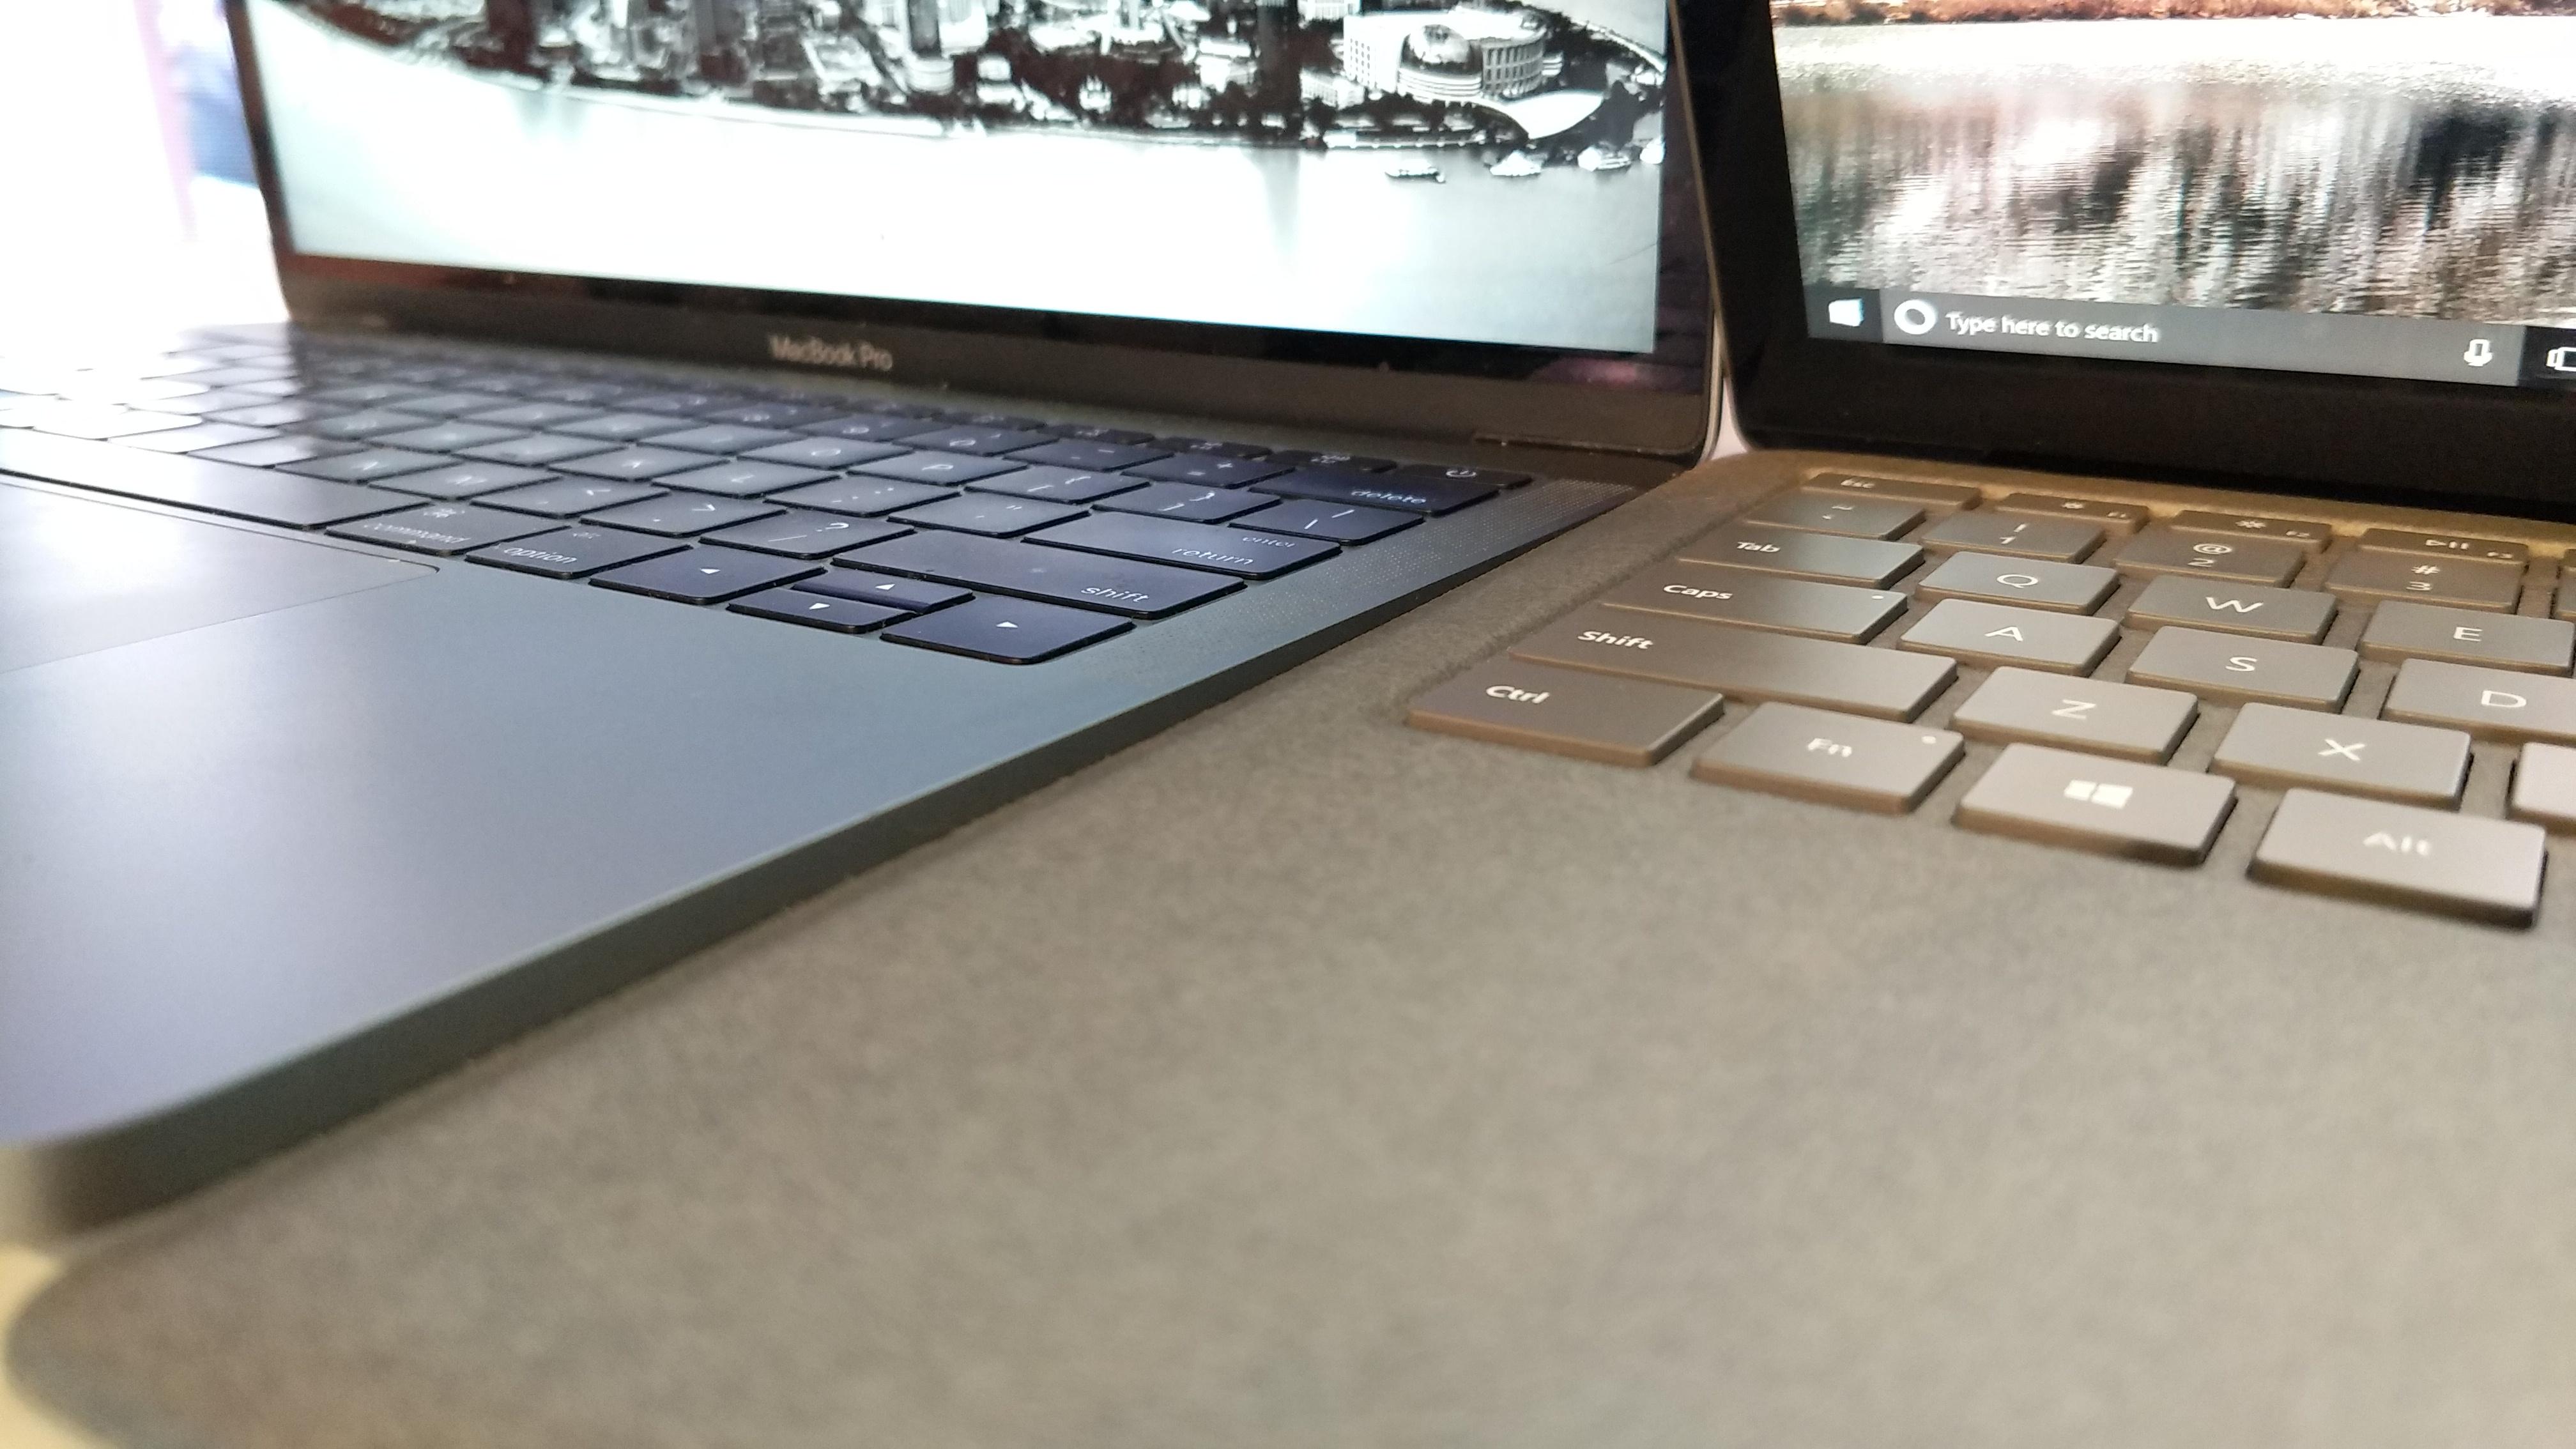 微软Laptop对比苹果新款MacBook,你会选择谁?的照片 - 15